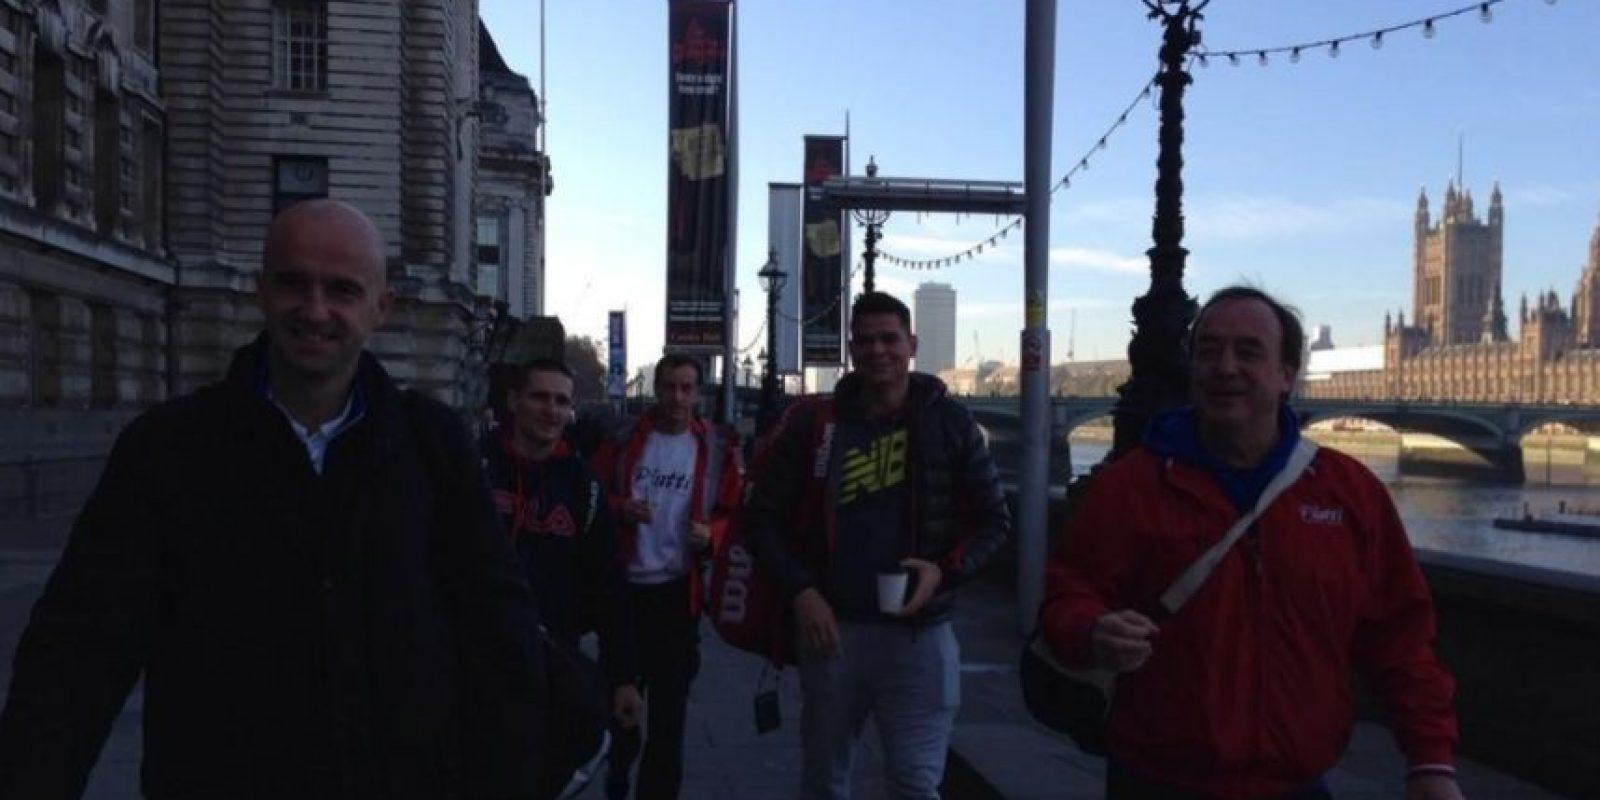 Milos Raonic salió a pasear con su equipo. Foto:twitter.com/milosraonic